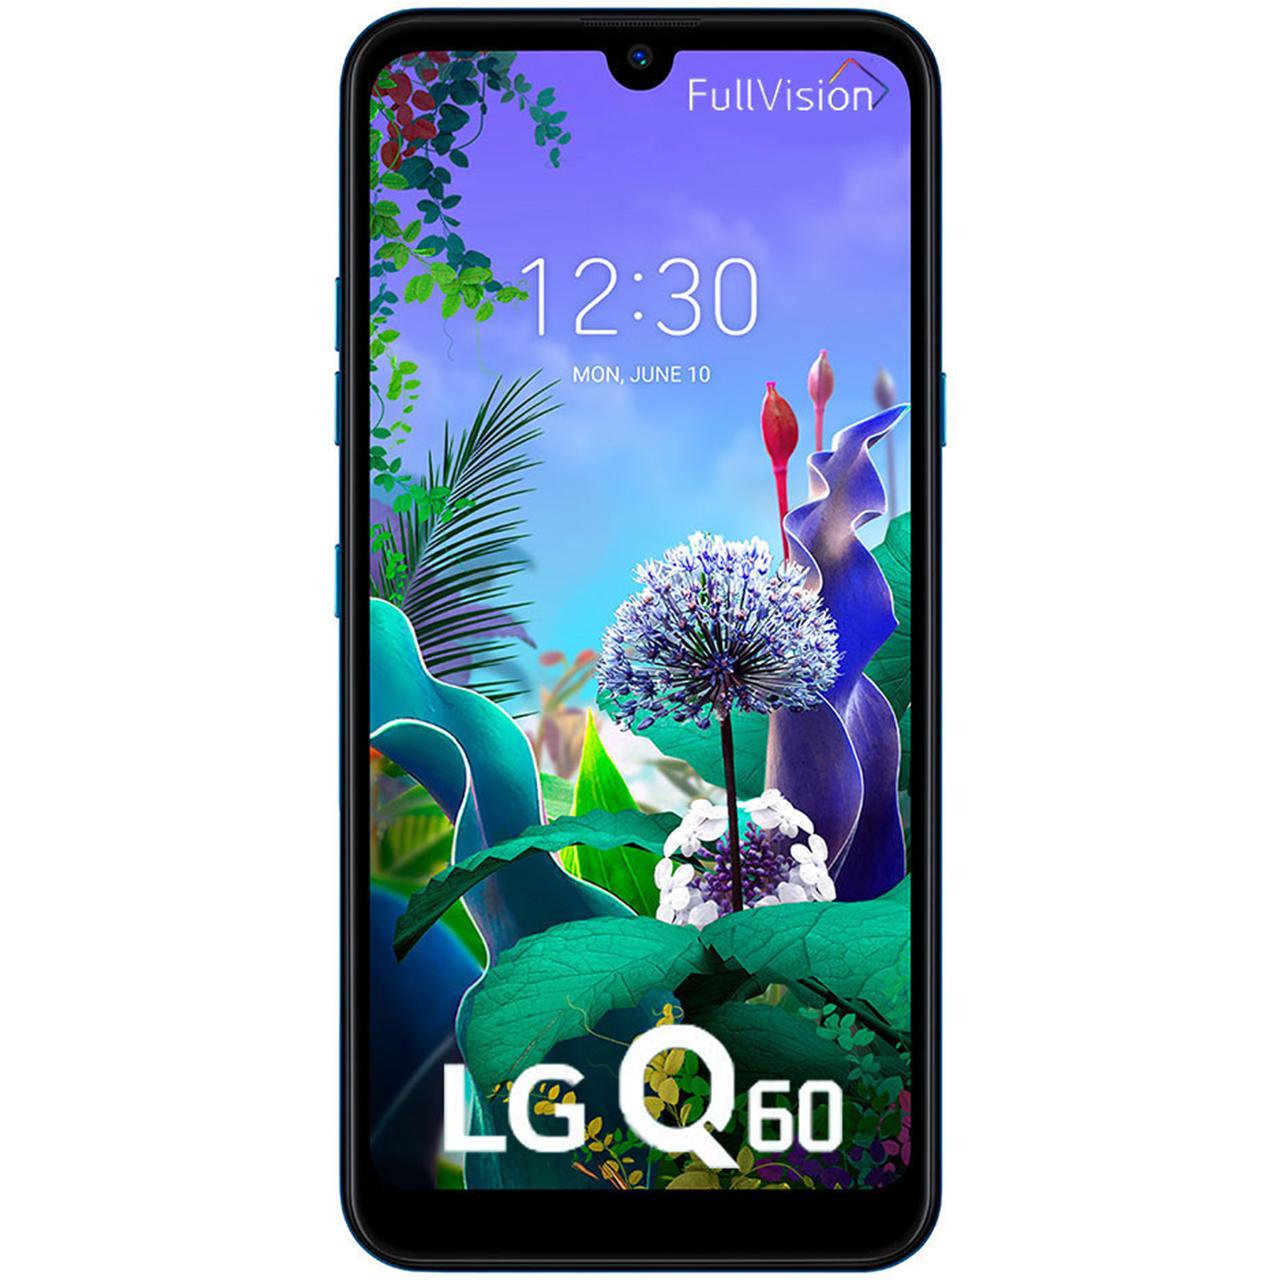 گوشی موبایل ال جی مدل Q60 LM-X525EAW دو سیم کارت ظرفیت 64 گیگابایت